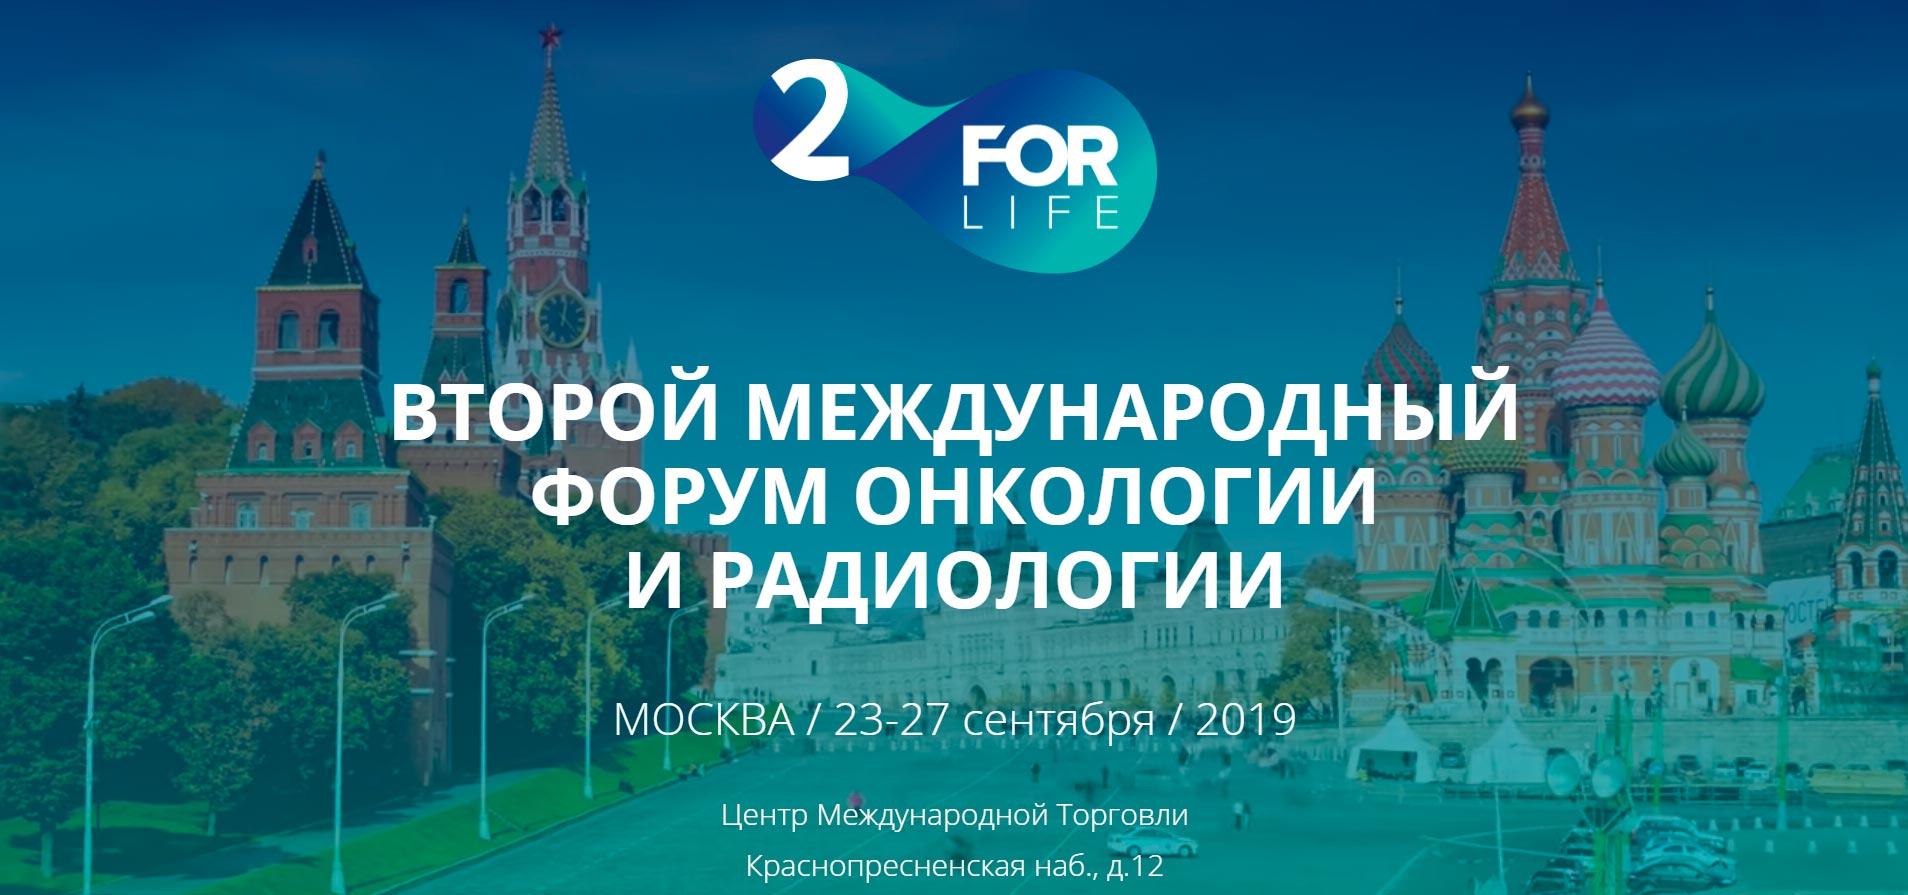 Второй международный форум онкологии и радиологии